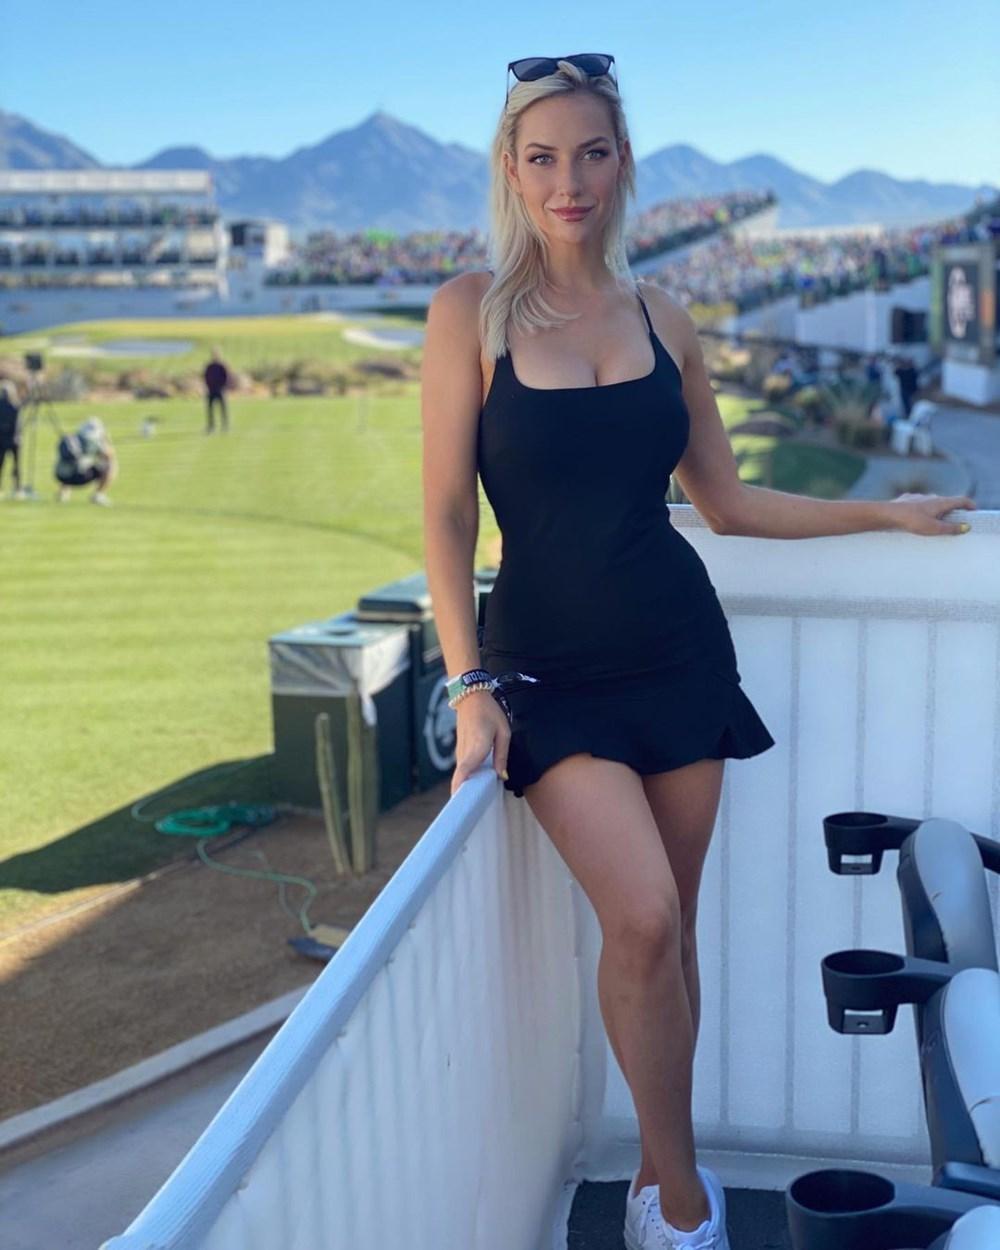 Golf yıldızı Paige Spiranac'ın her paylaşımı servet değerinde - 8